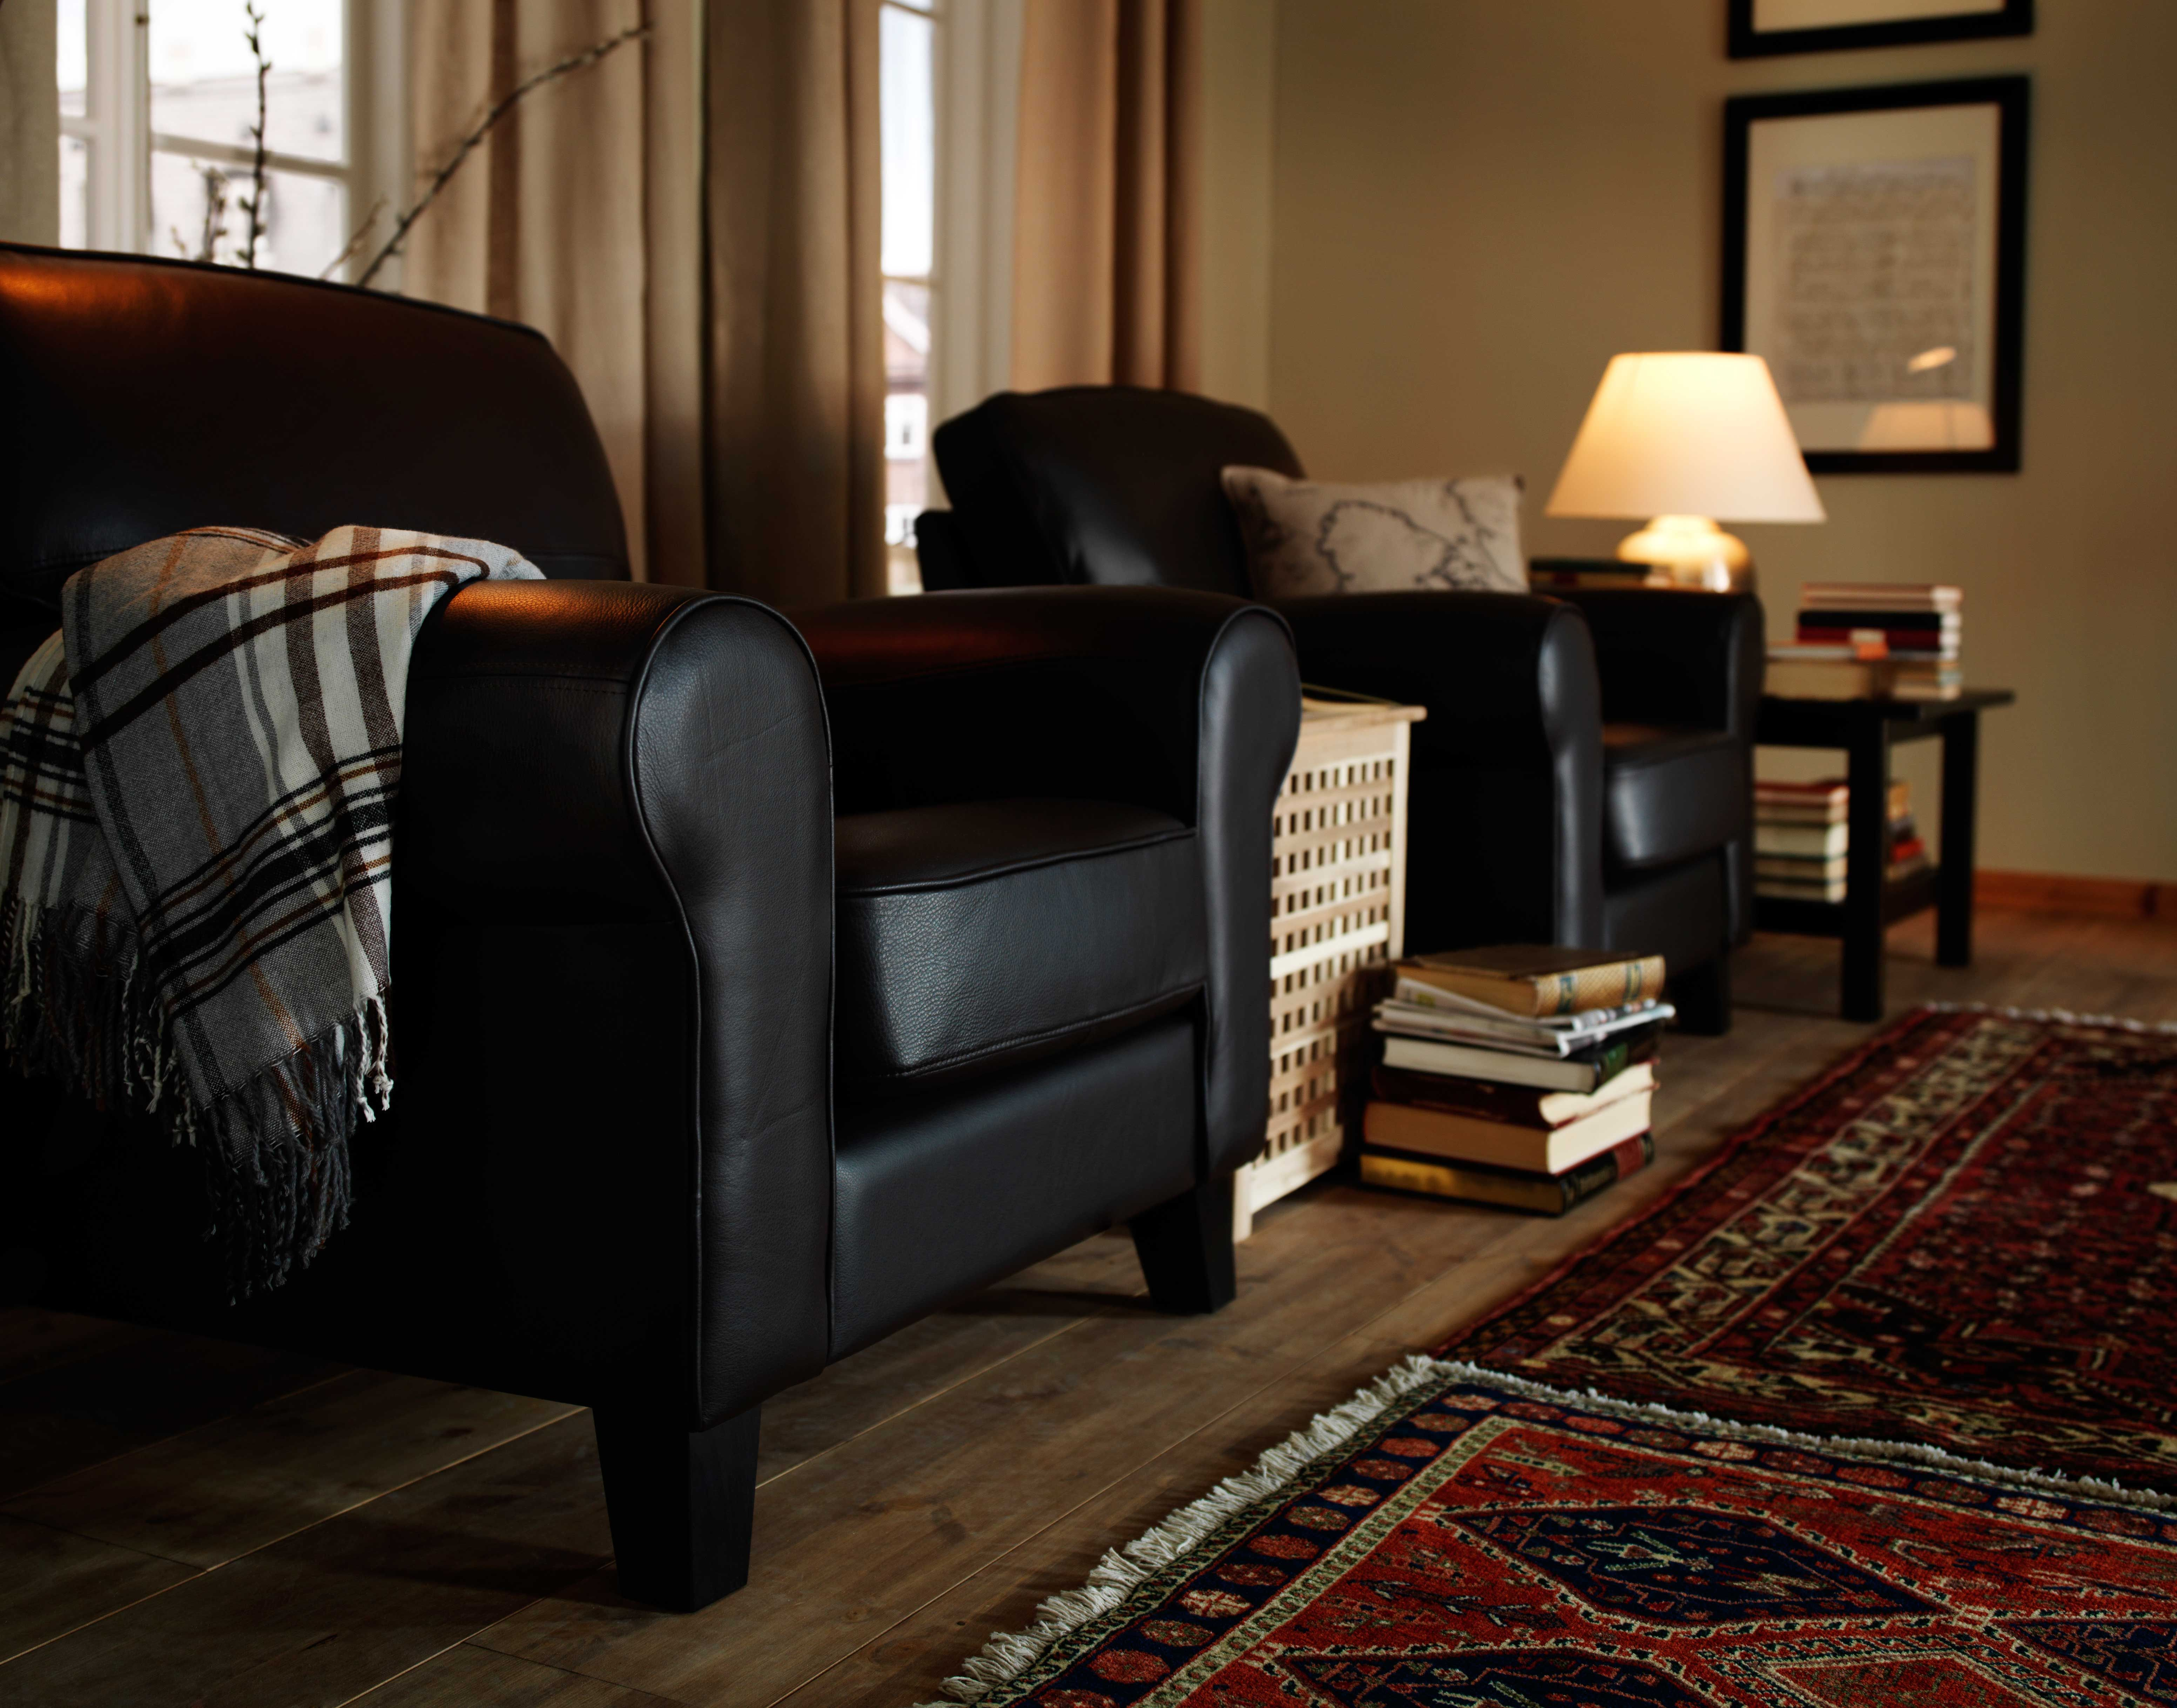 IKEA Sterreich Inspiration Wohnzimmer Sessel YSTAD Tischleuchte SELE Teppich PERSISK